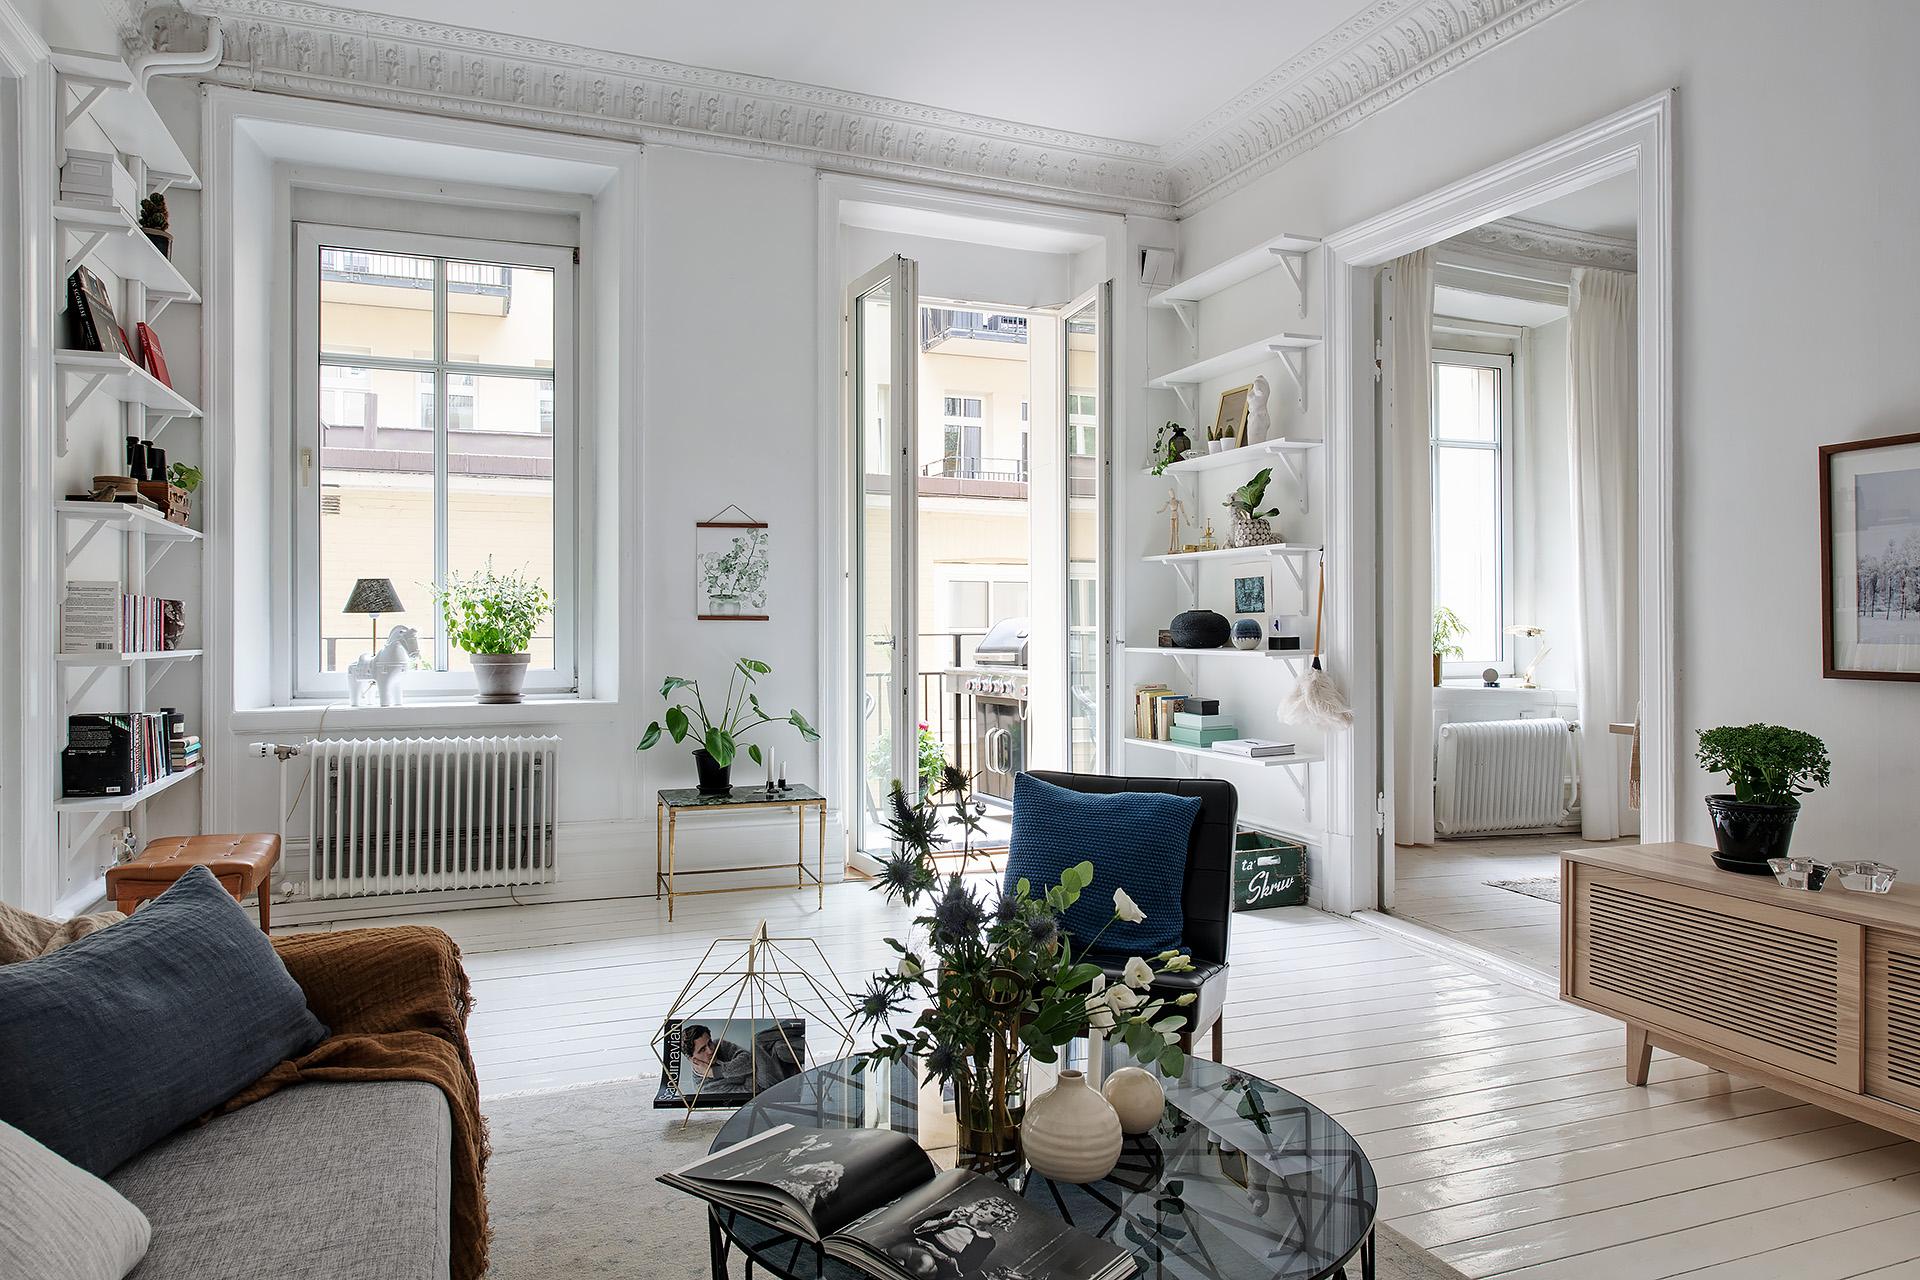 alvhem_sweden_apartment_2